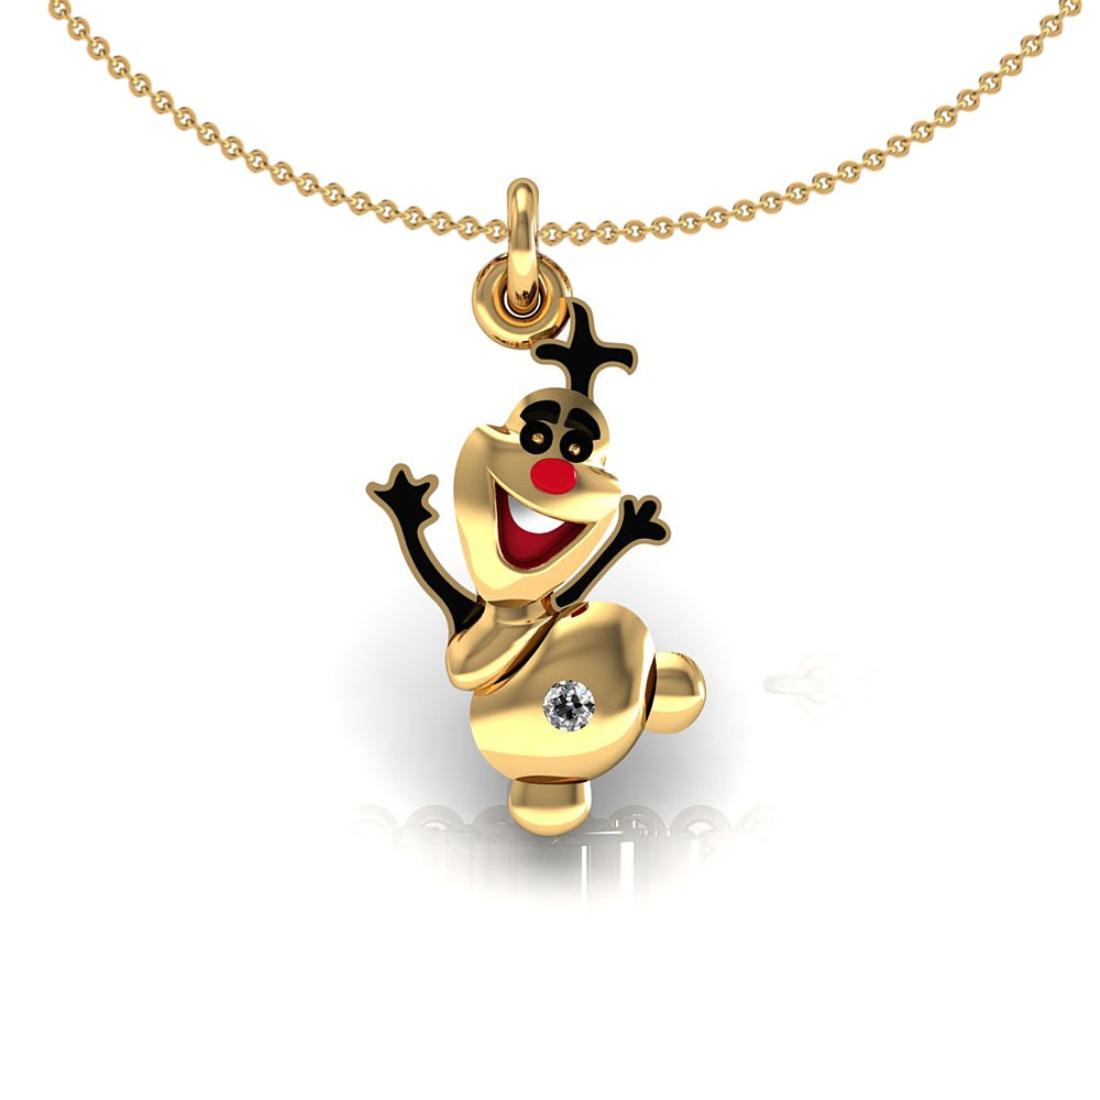 Joker kids pendant with chain 18k gold diamond enamel jewelry